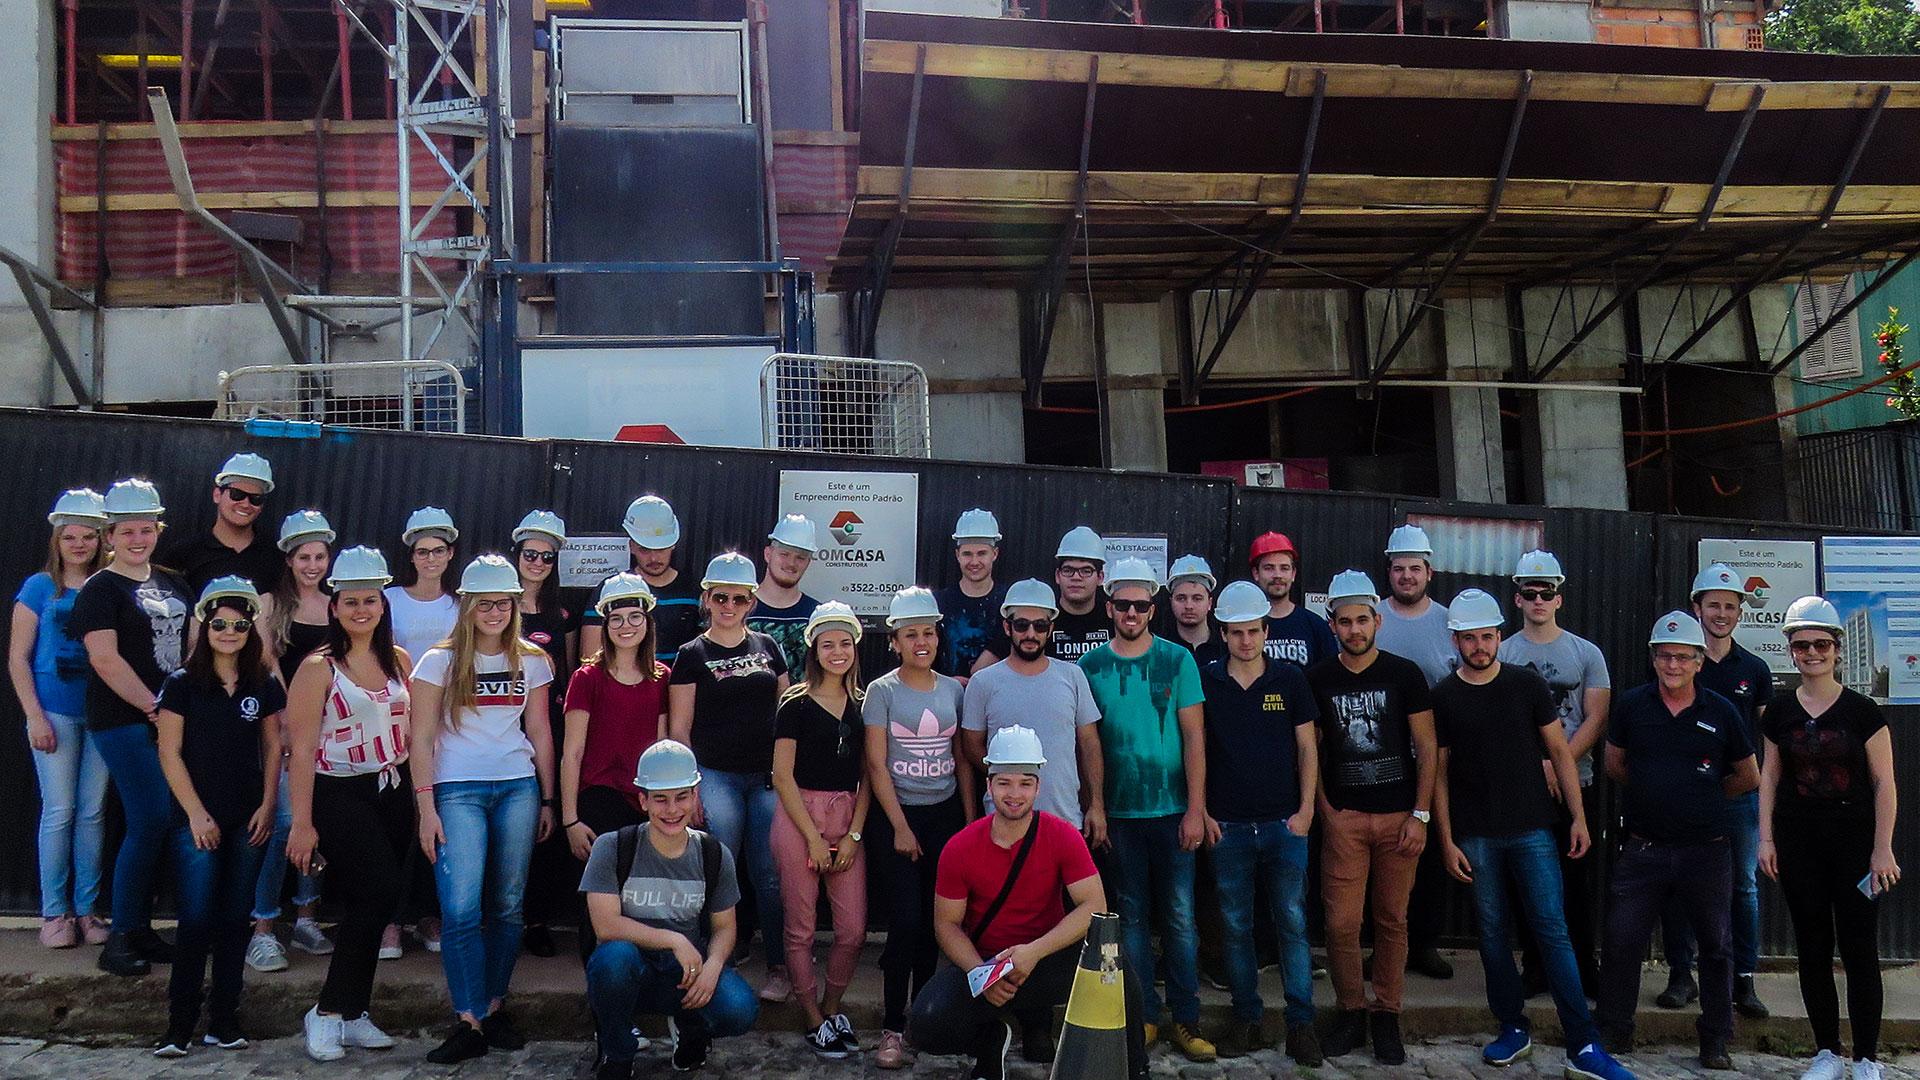 Comcasa recebe visita do curso de Engenharia Civil da UNOESC